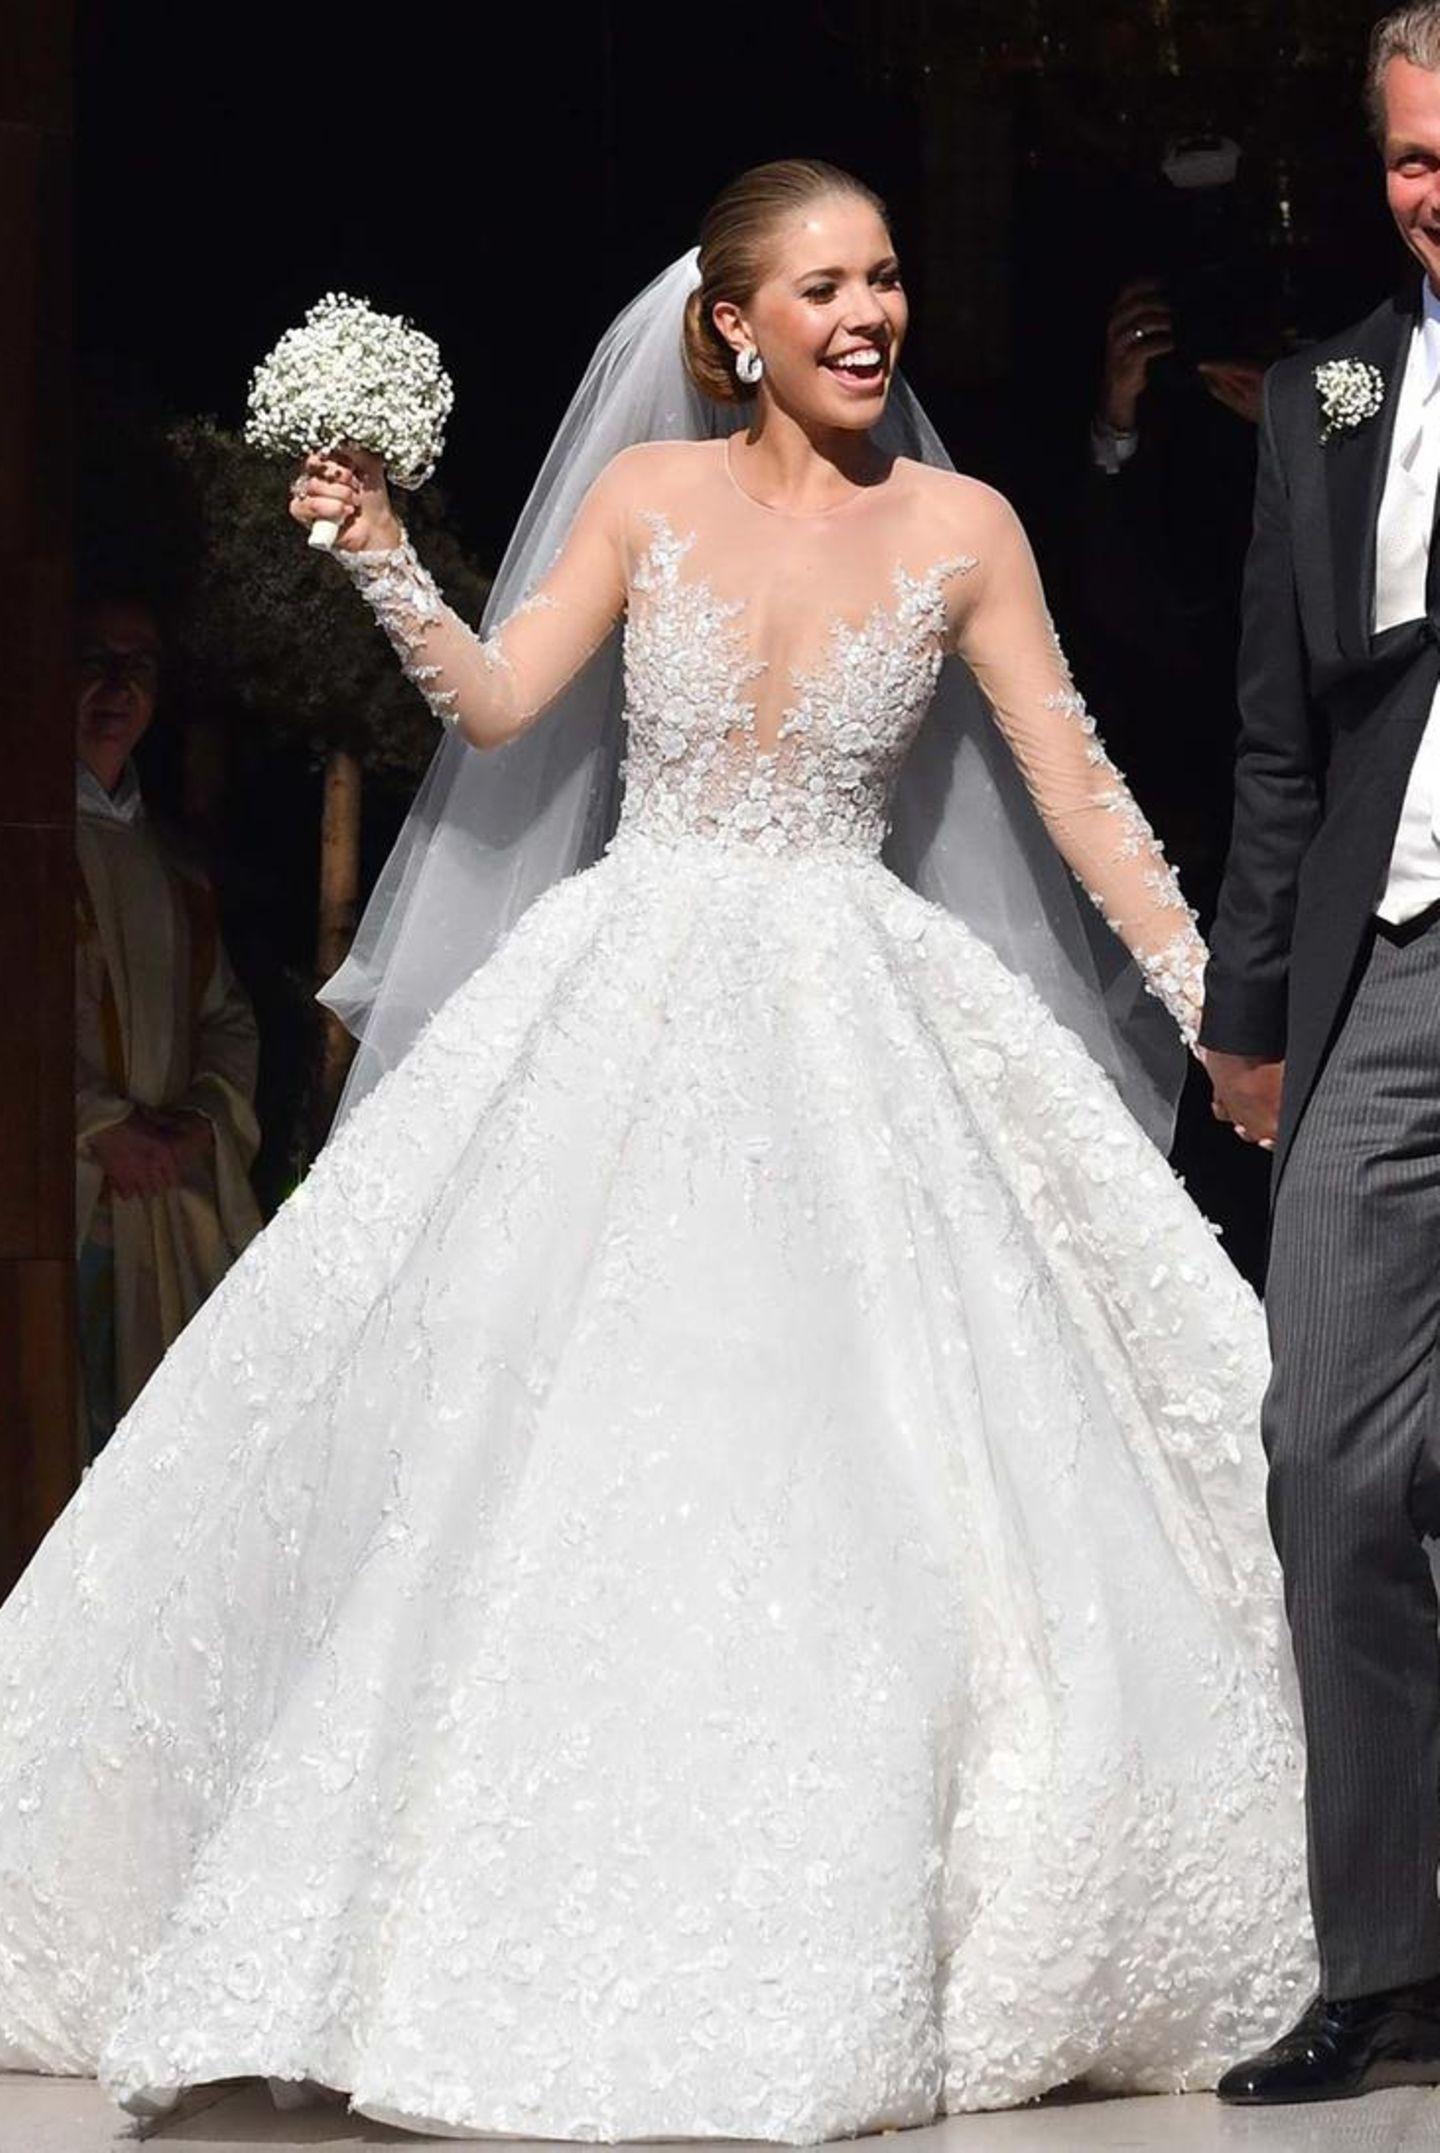 Einen neuen Rekord in Sachen Brautkleid soll Victoria Swarovski im Juni 2017 aufgestellt haben: Ihre Designerrobe von Michael Cinco ist mit 500.000 Kristallen besetzt, hat eine acht Meter lange Schleppe und soll sage und schreibe über eine Million Dollar gekostet haben!